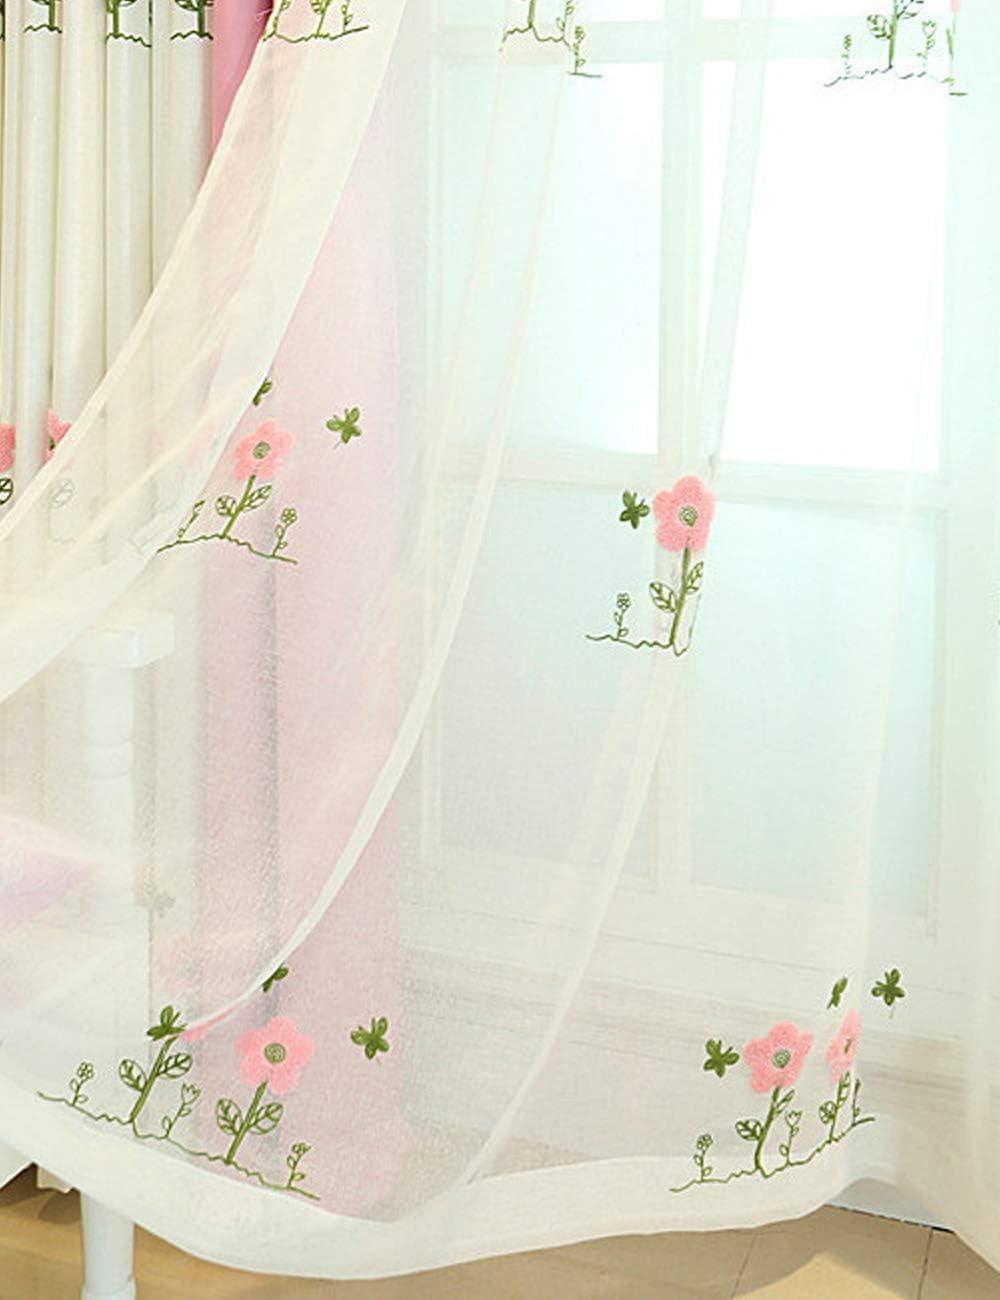 100 x 245 cm Lactraum Rideaux pour Chambre denfant Fille Princesse avec /œillets brod/és Roses Fleurs Papillon Opaque Beige Grund-Stoff